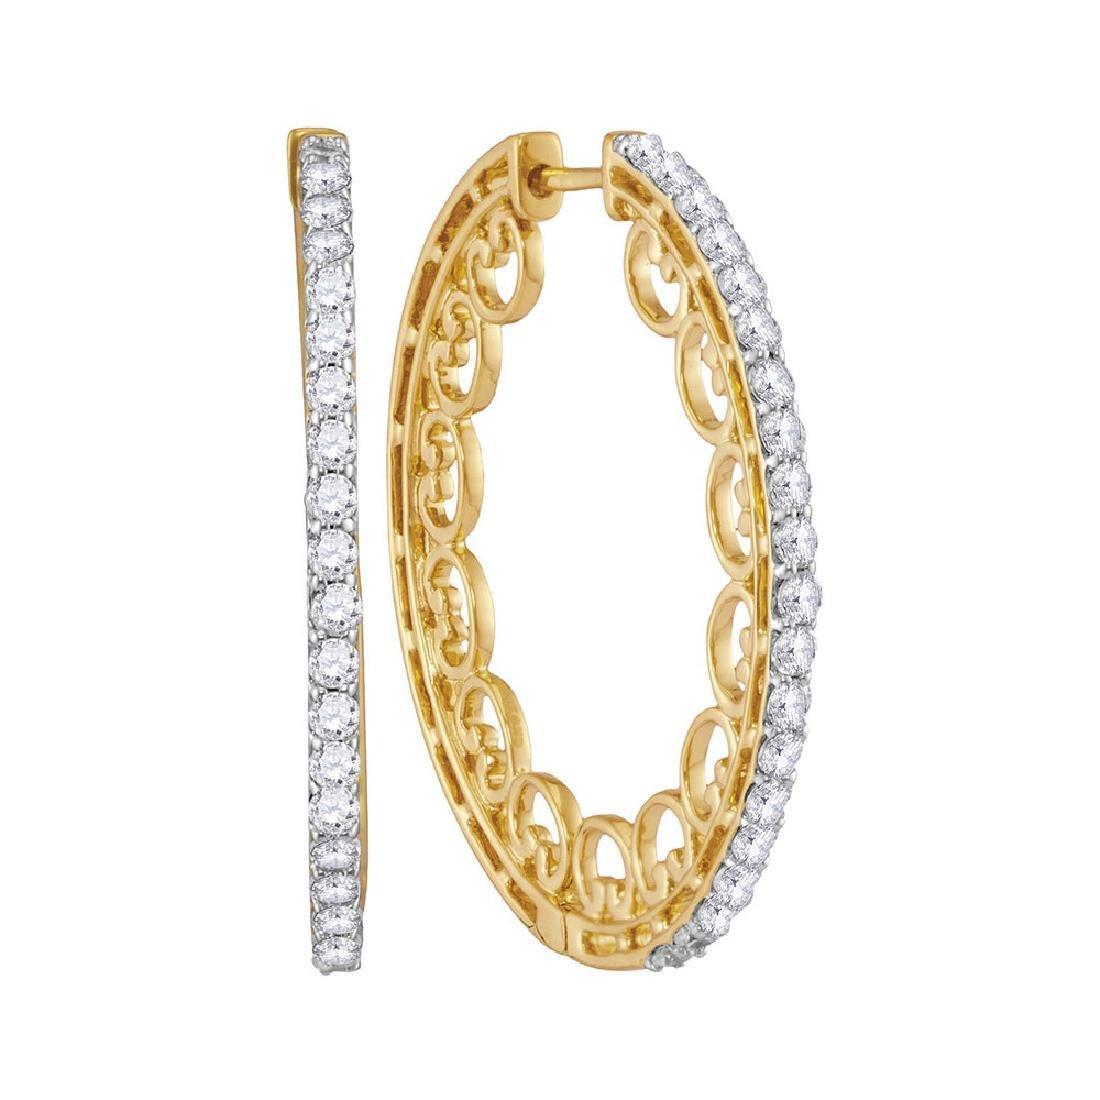 1 CTW Diamond Single Row Luxury Hoop Earrings 10KT